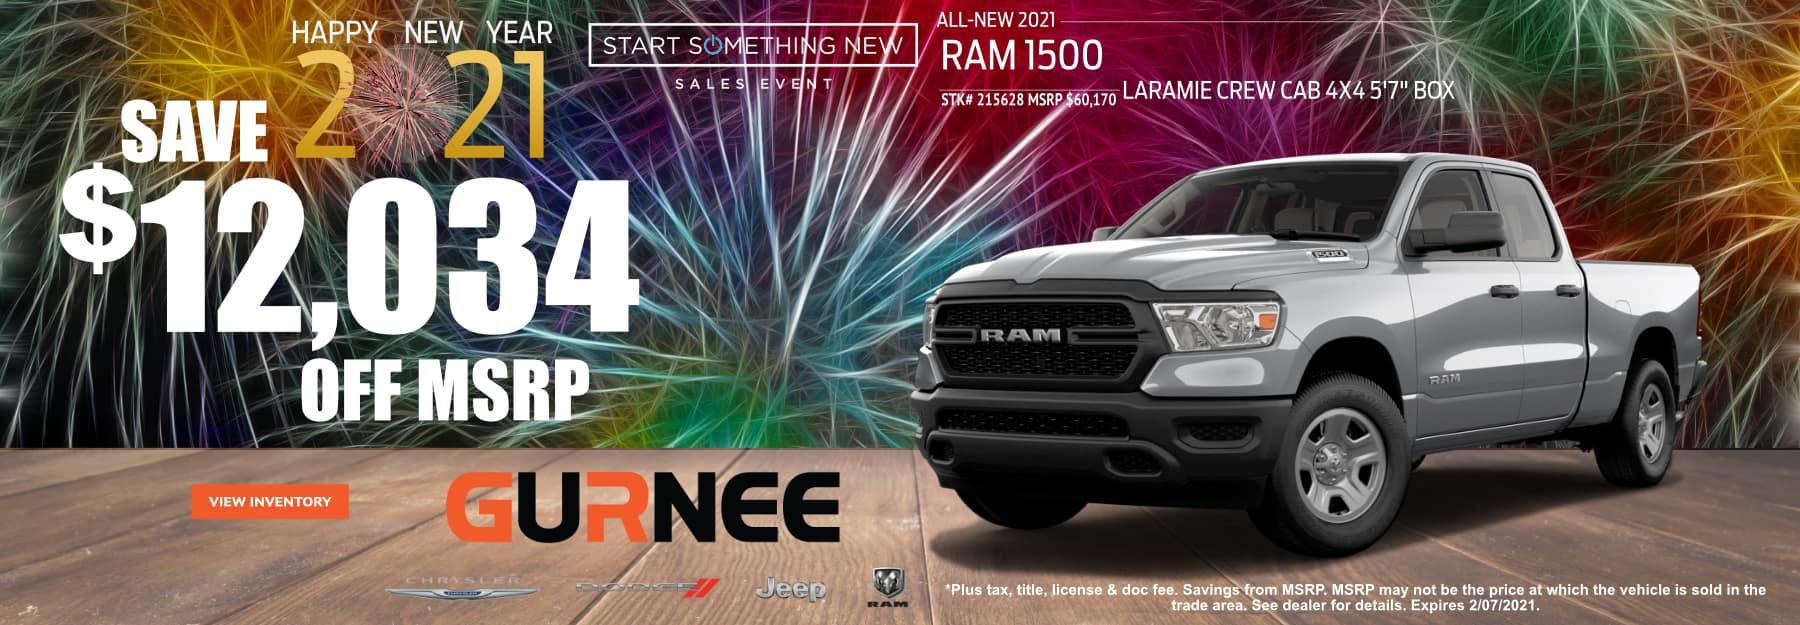 January-2021 RAM_1500_GURNEE